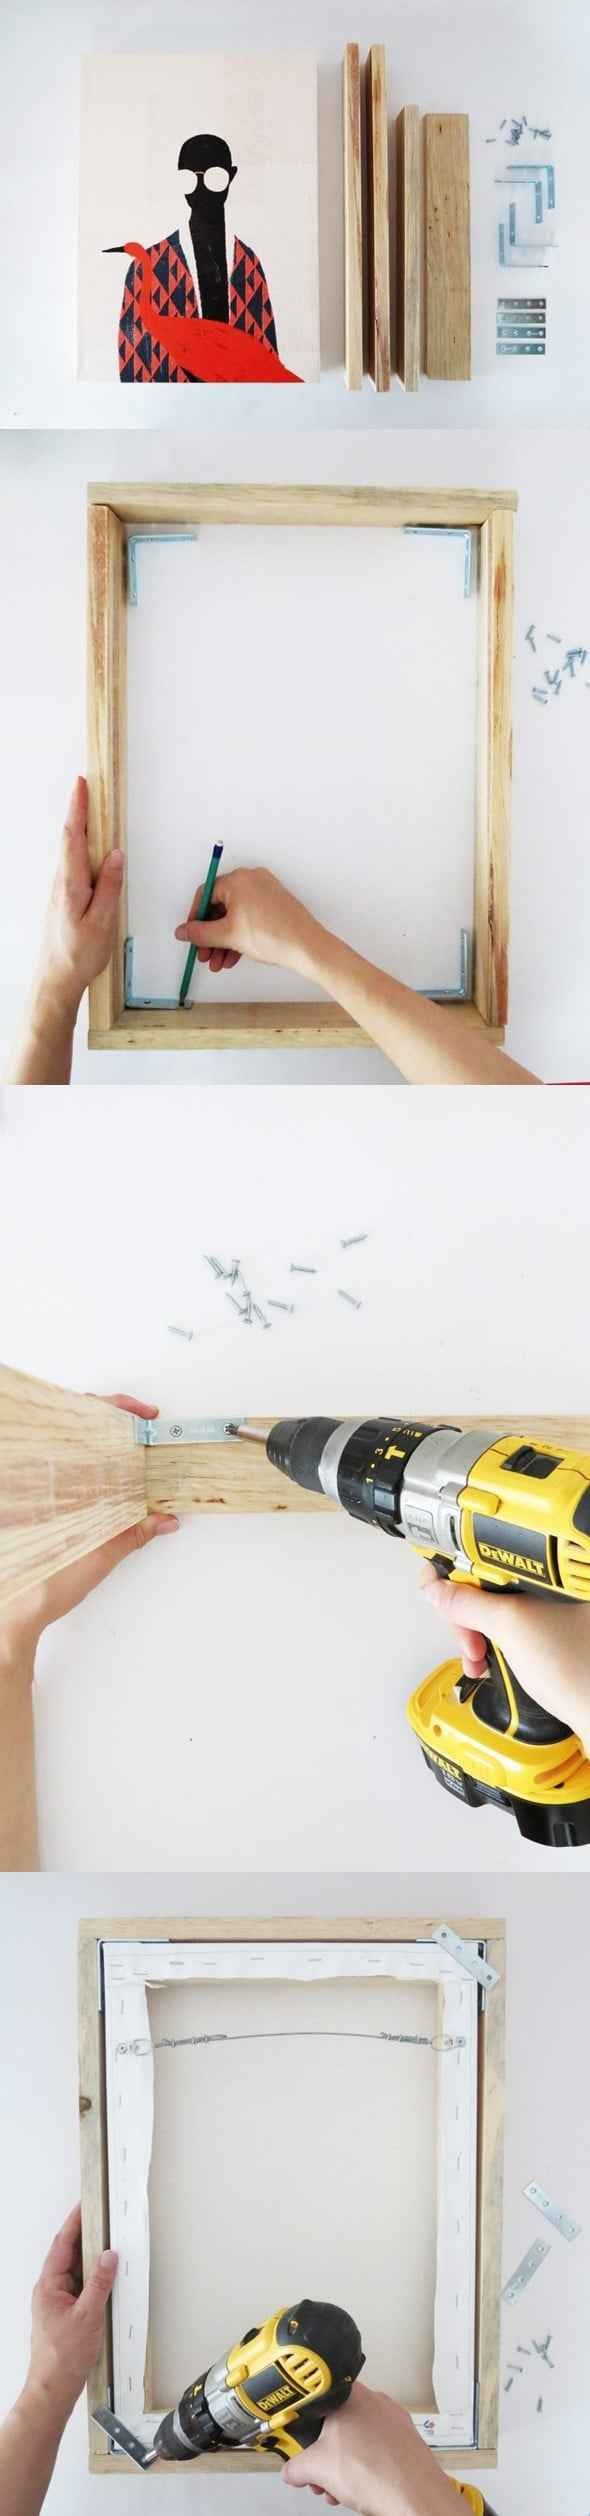 en ucuz kanvas tablo çerçevesi nasıl yapılır